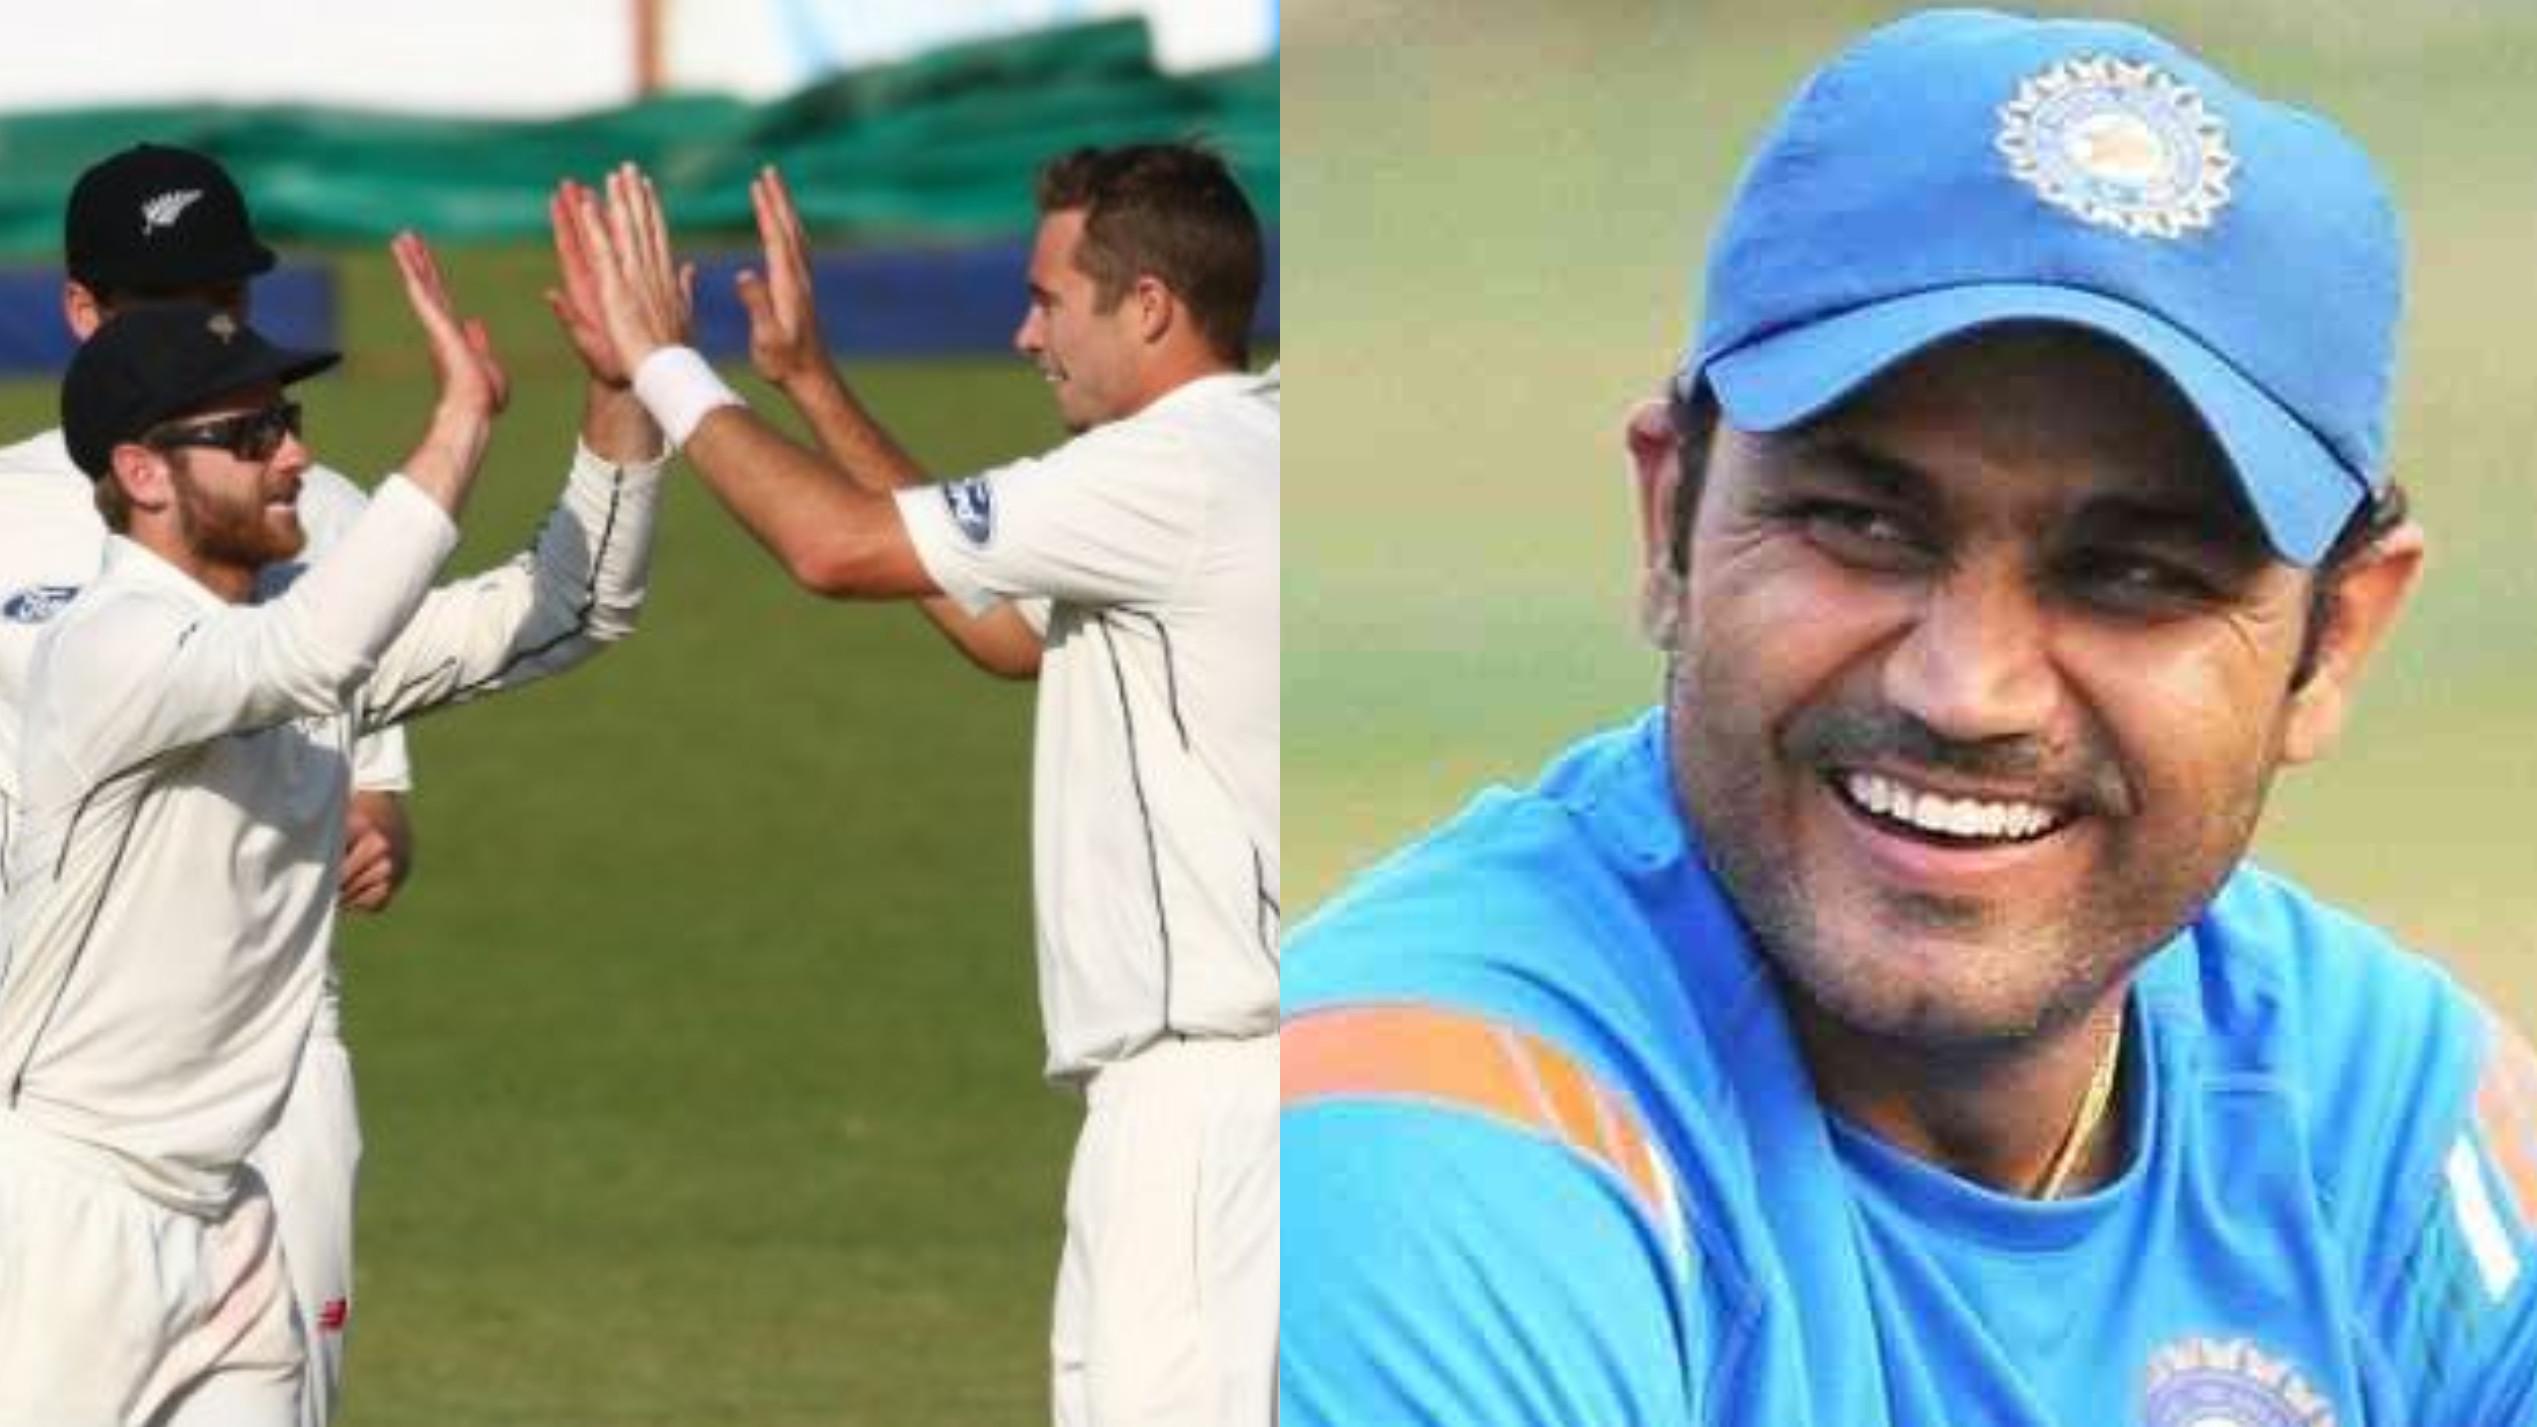 वीरेंद्र सहवाग ने न्यूजीलैंड की शानदार जीत के बाद टेस्ट मैच के प्रारूप को कहा 'बेस्ट'